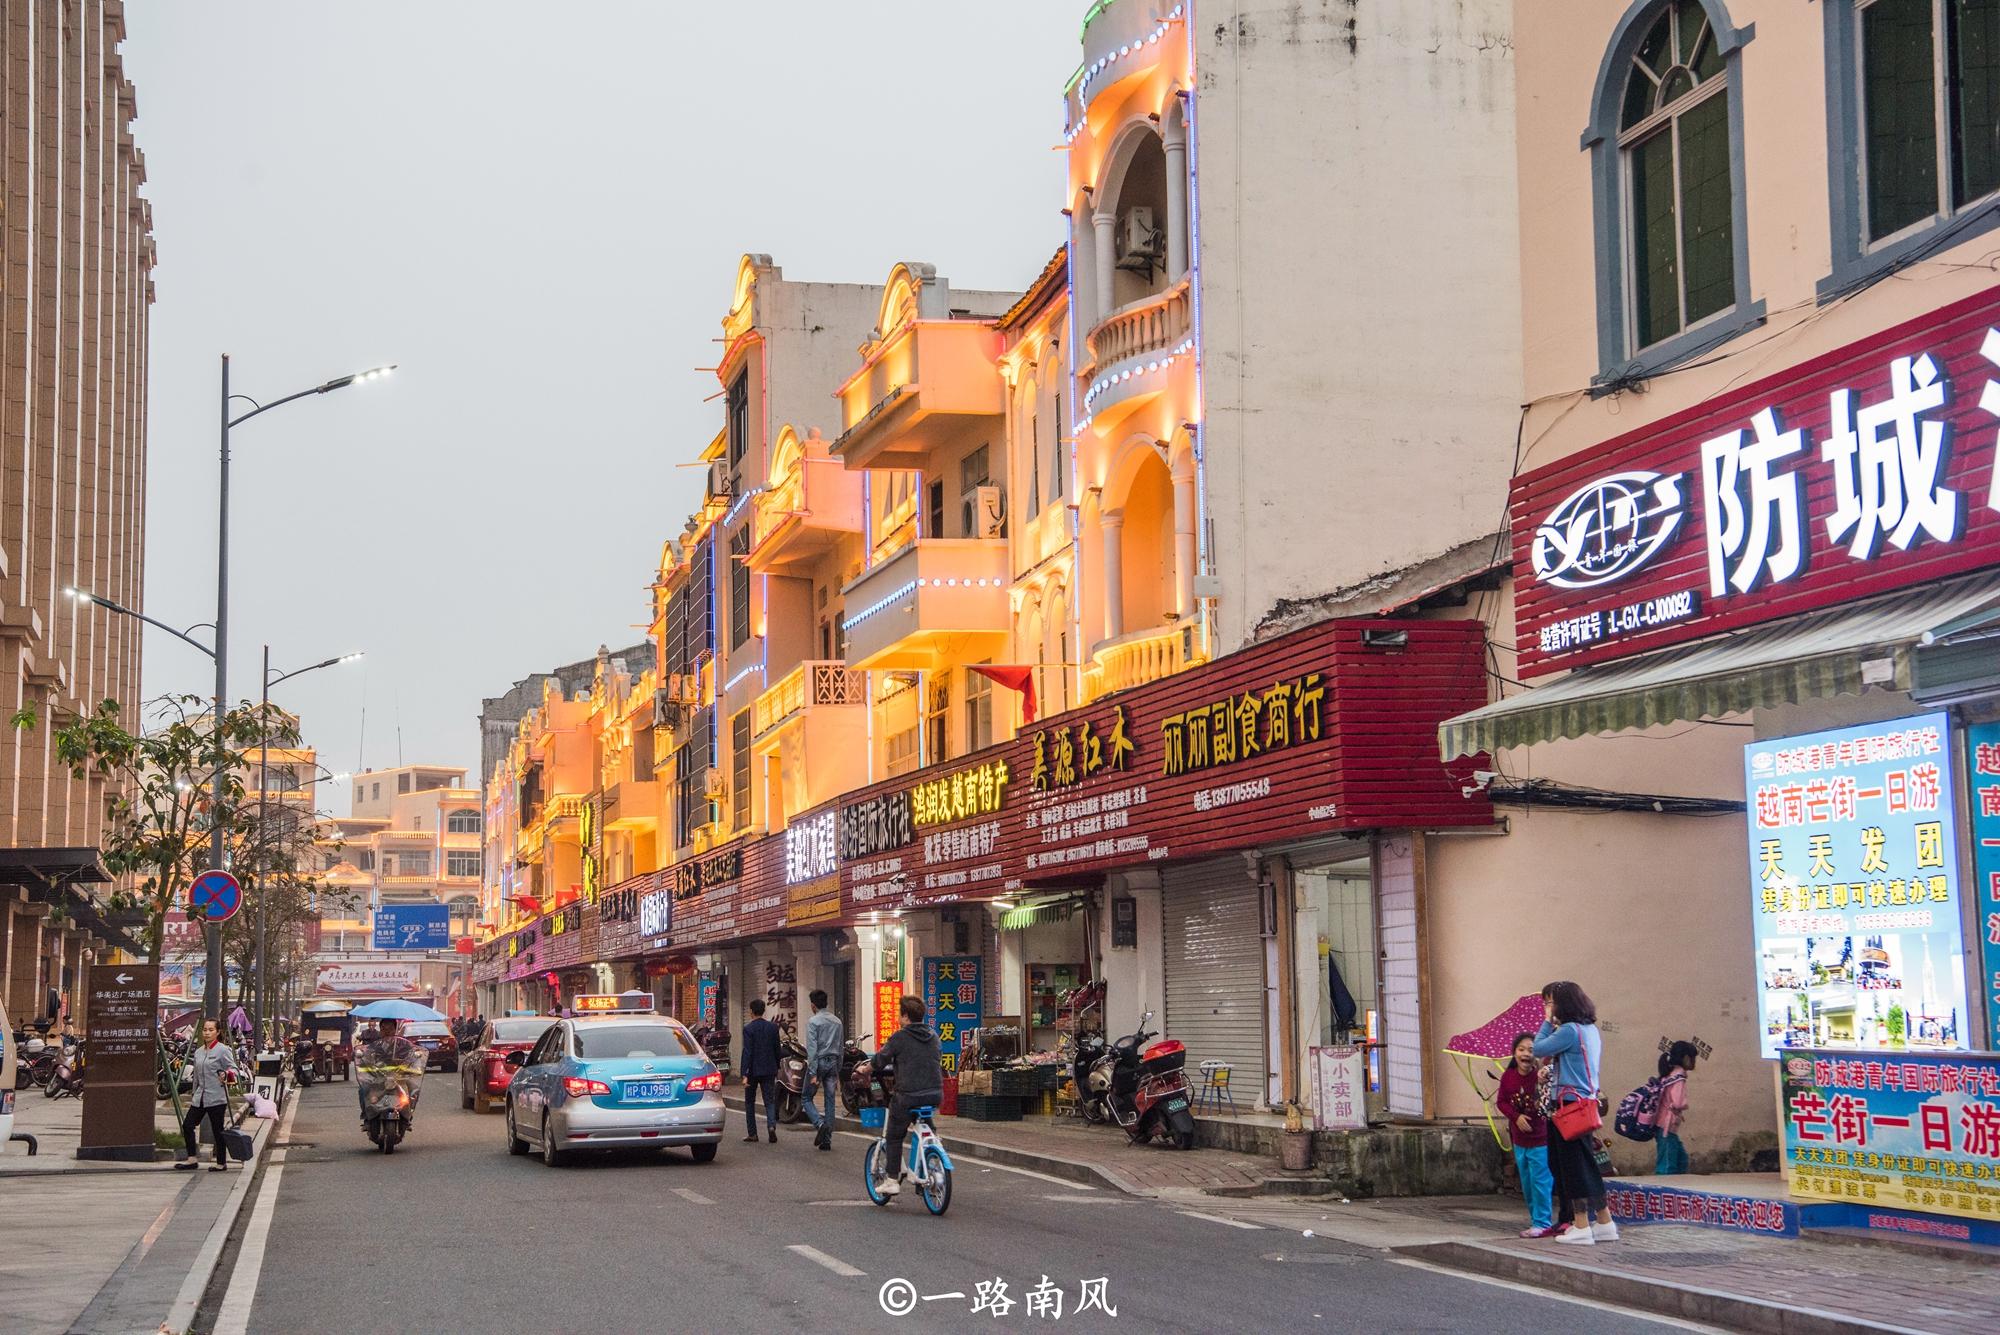 原创             游广西边关城市,登上楼顶,看看越南城镇都是什么样子!